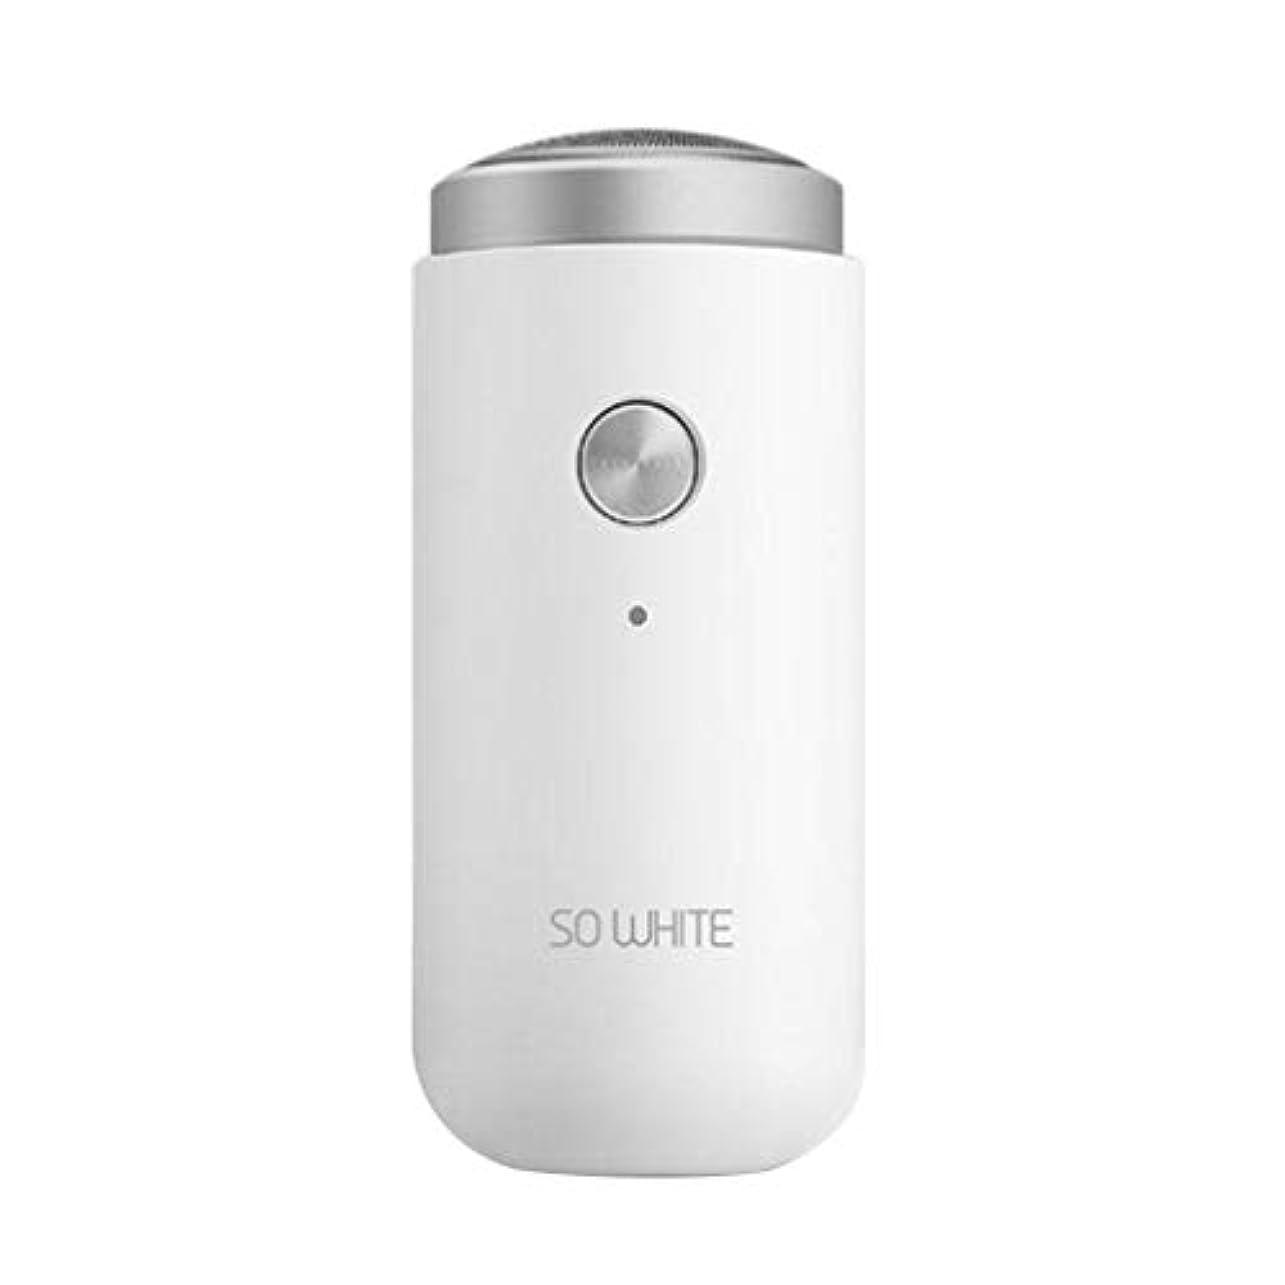 財政サスティーンバンジージャンプA69Qホワイトミニポータブル電気シェーバー メンズ 防水 USB充電 ひげそり 電気カミソリ 水洗い お風呂剃り可 ウェット ドライに適用 (ホワイト)